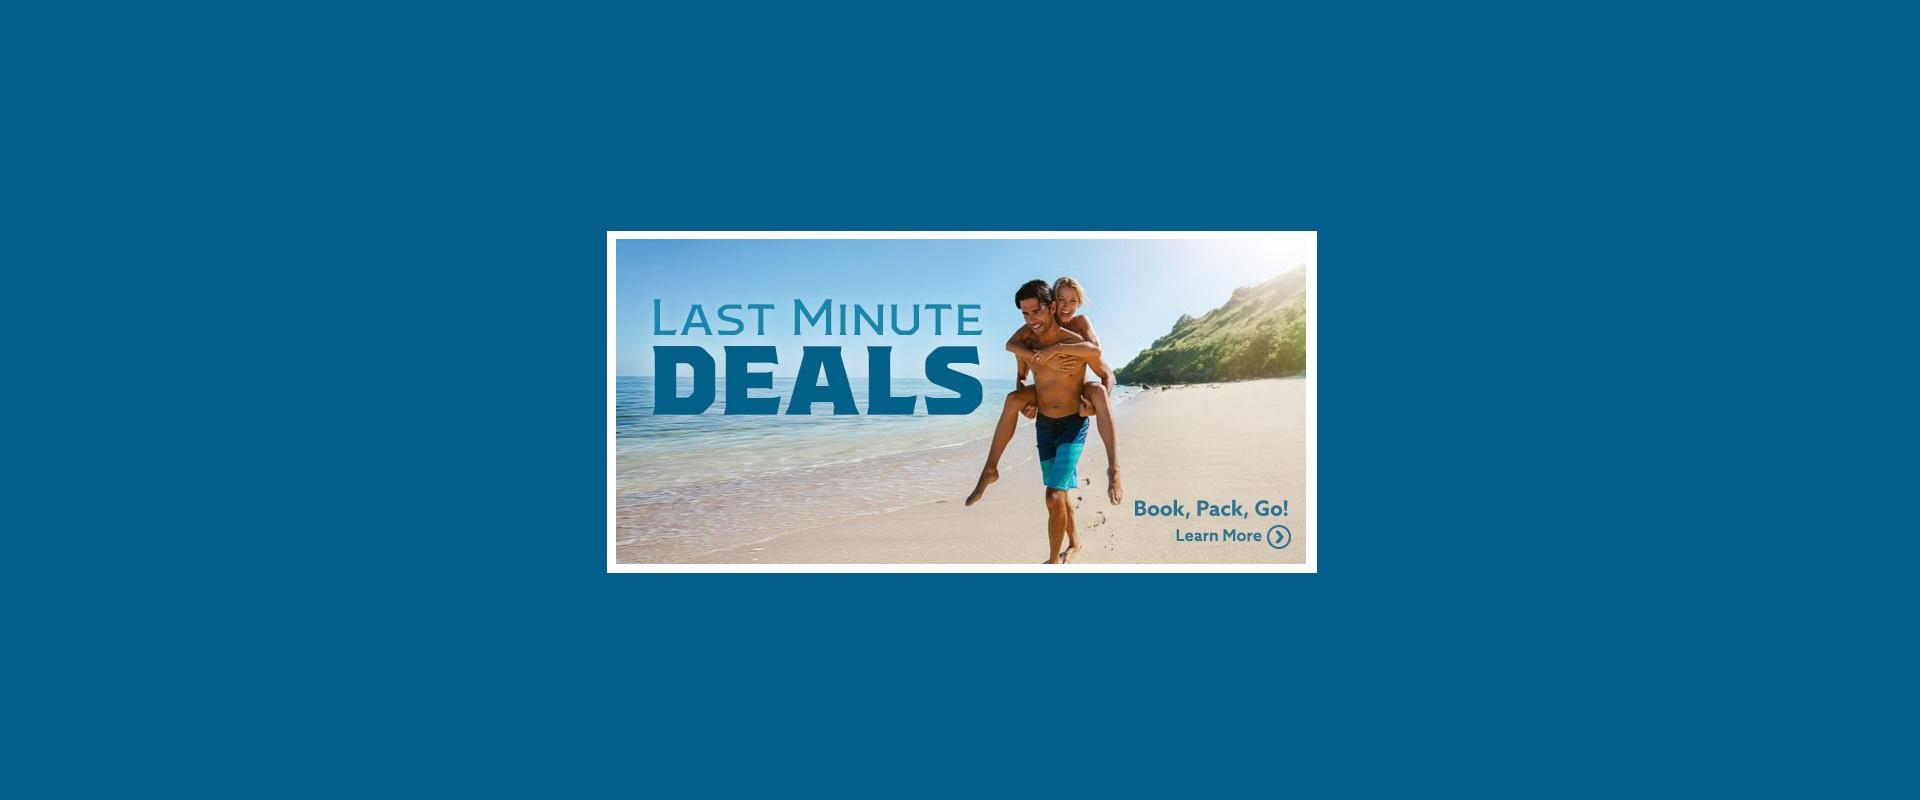 Last-Minute-Deals-Specials-Banner